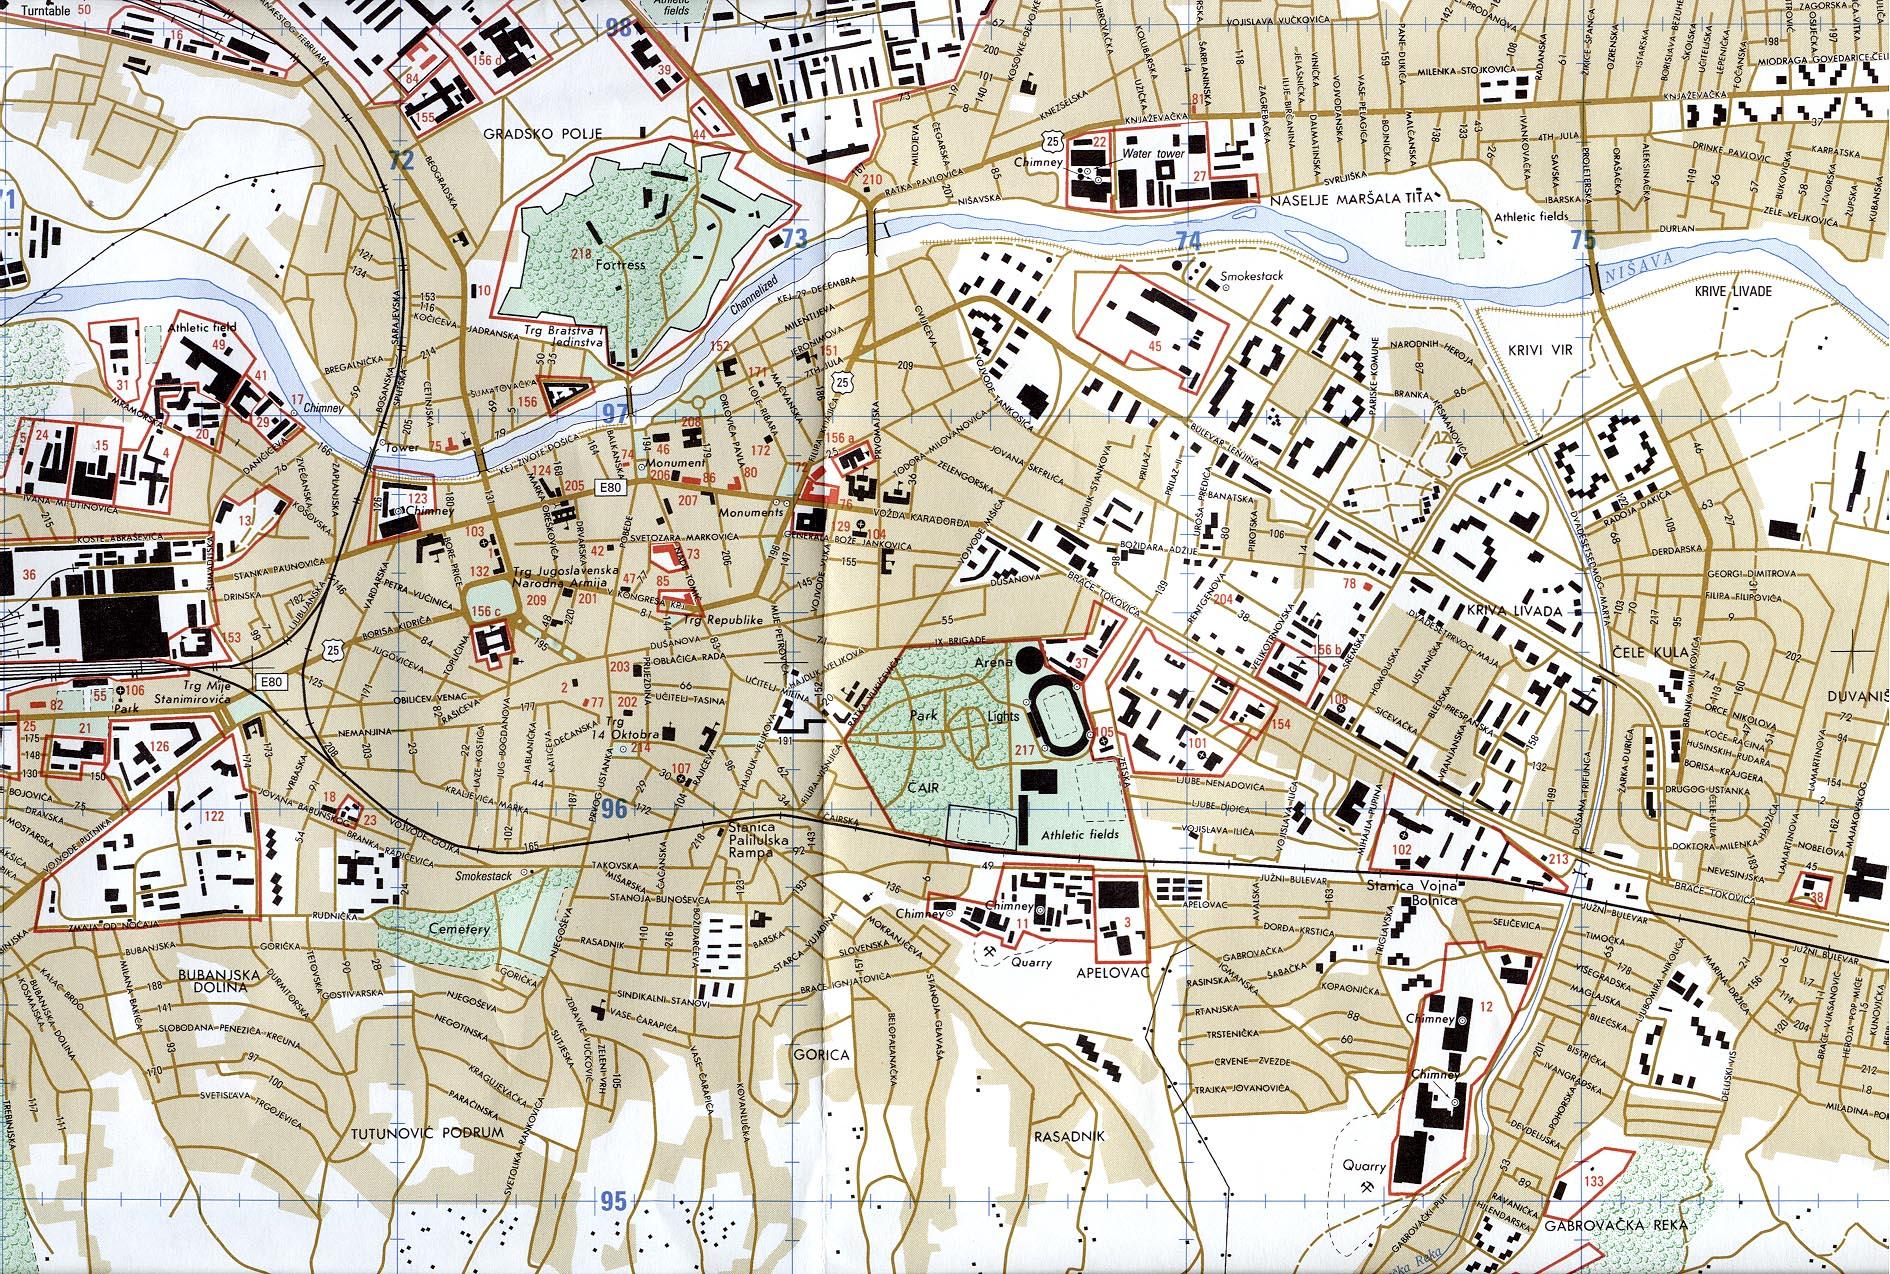 Mapa de la Ciudad de Niš, Serbia